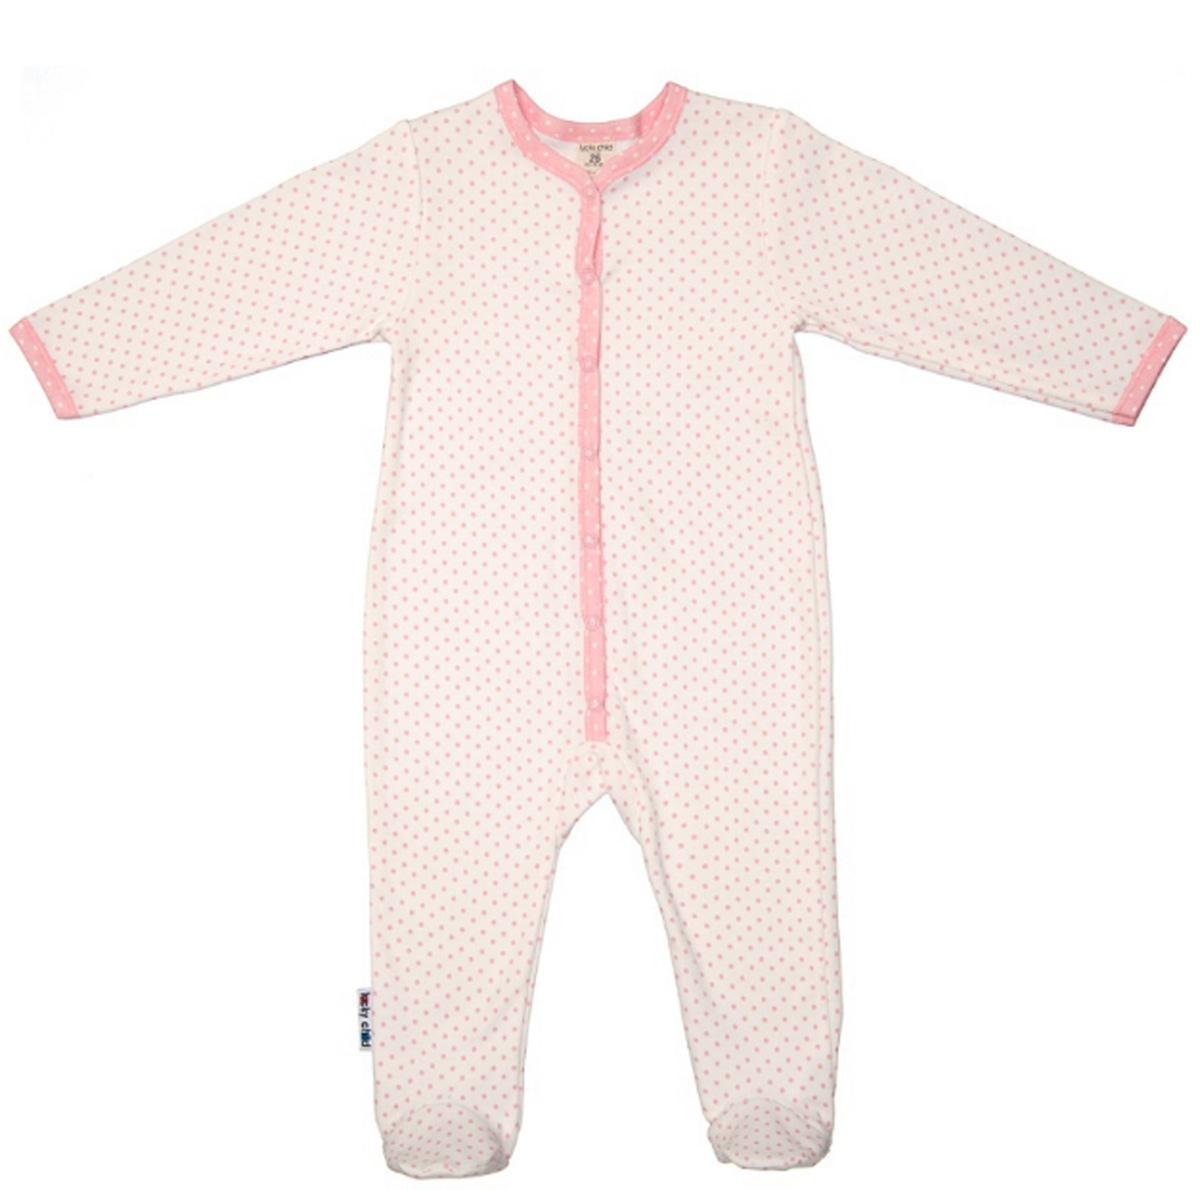 Комбинезон домашний детский Luky Child, цвет: молочный. А2-103/молочный. Размер 74/80А2-103/молочныйДетский комбинезон Lucky Child - очень удобный и практичный вид одежды для малышей. Комбинезон выполнен из натурального хлопка, благодаря чему он необычайно мягкий и приятный на ощупь, не раздражают нежную кожу ребенка и хорошо вентилируются, а эластичные швы приятны телу малыша и не препятствуют его движениям. Комбинезон с длинными рукавами и закрытыми ножками имеет застежки-кнопки, которые помогают легко переодеть младенца или сменить подгузник. С детским комбинезоном Lucky Child спинка и ножки вашего малыша всегда будут в тепле, он идеален для использования днем и незаменим ночью. Комбинезон полностью соответствует особенностям жизни младенца в ранний период, не стесняя и не ограничивая его в движениях!